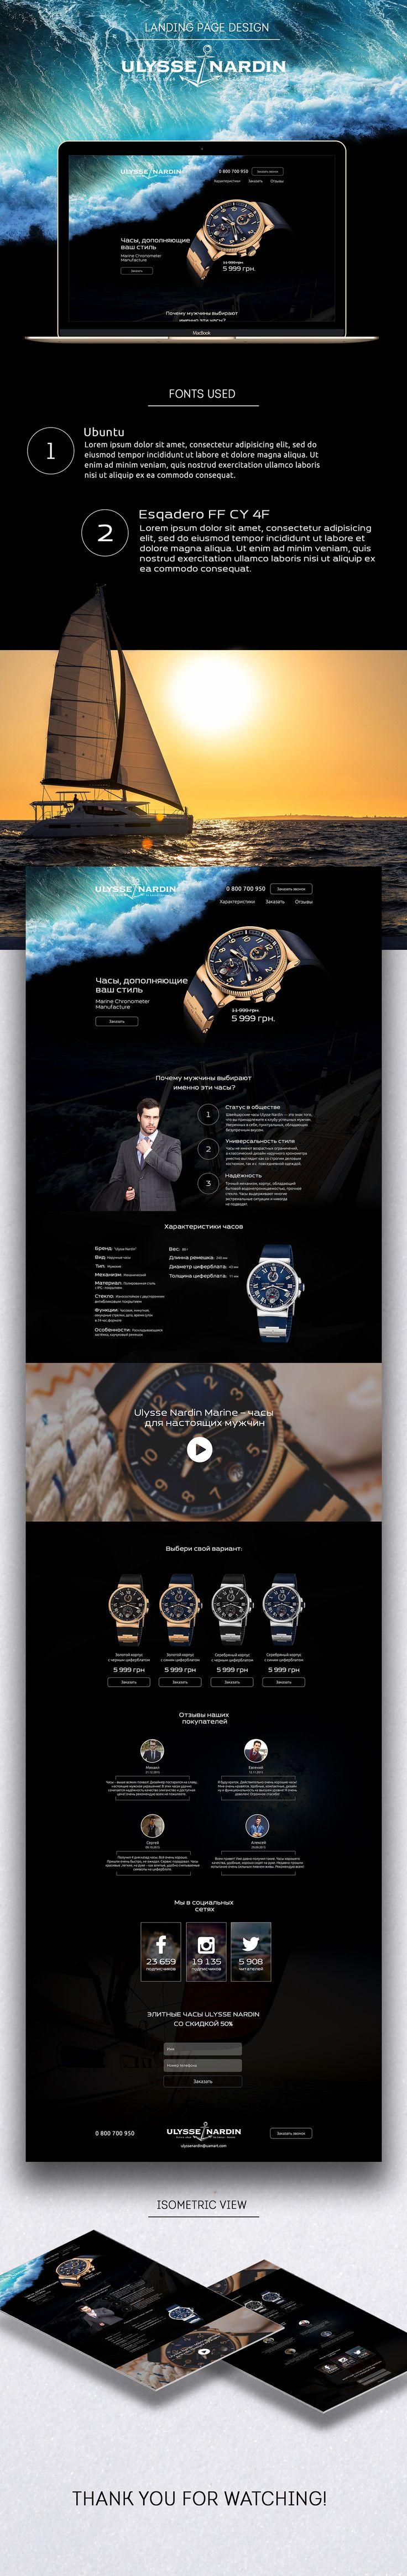 Landing page design Ulysse Nardin on Behance                                                                                                                                                                                 More